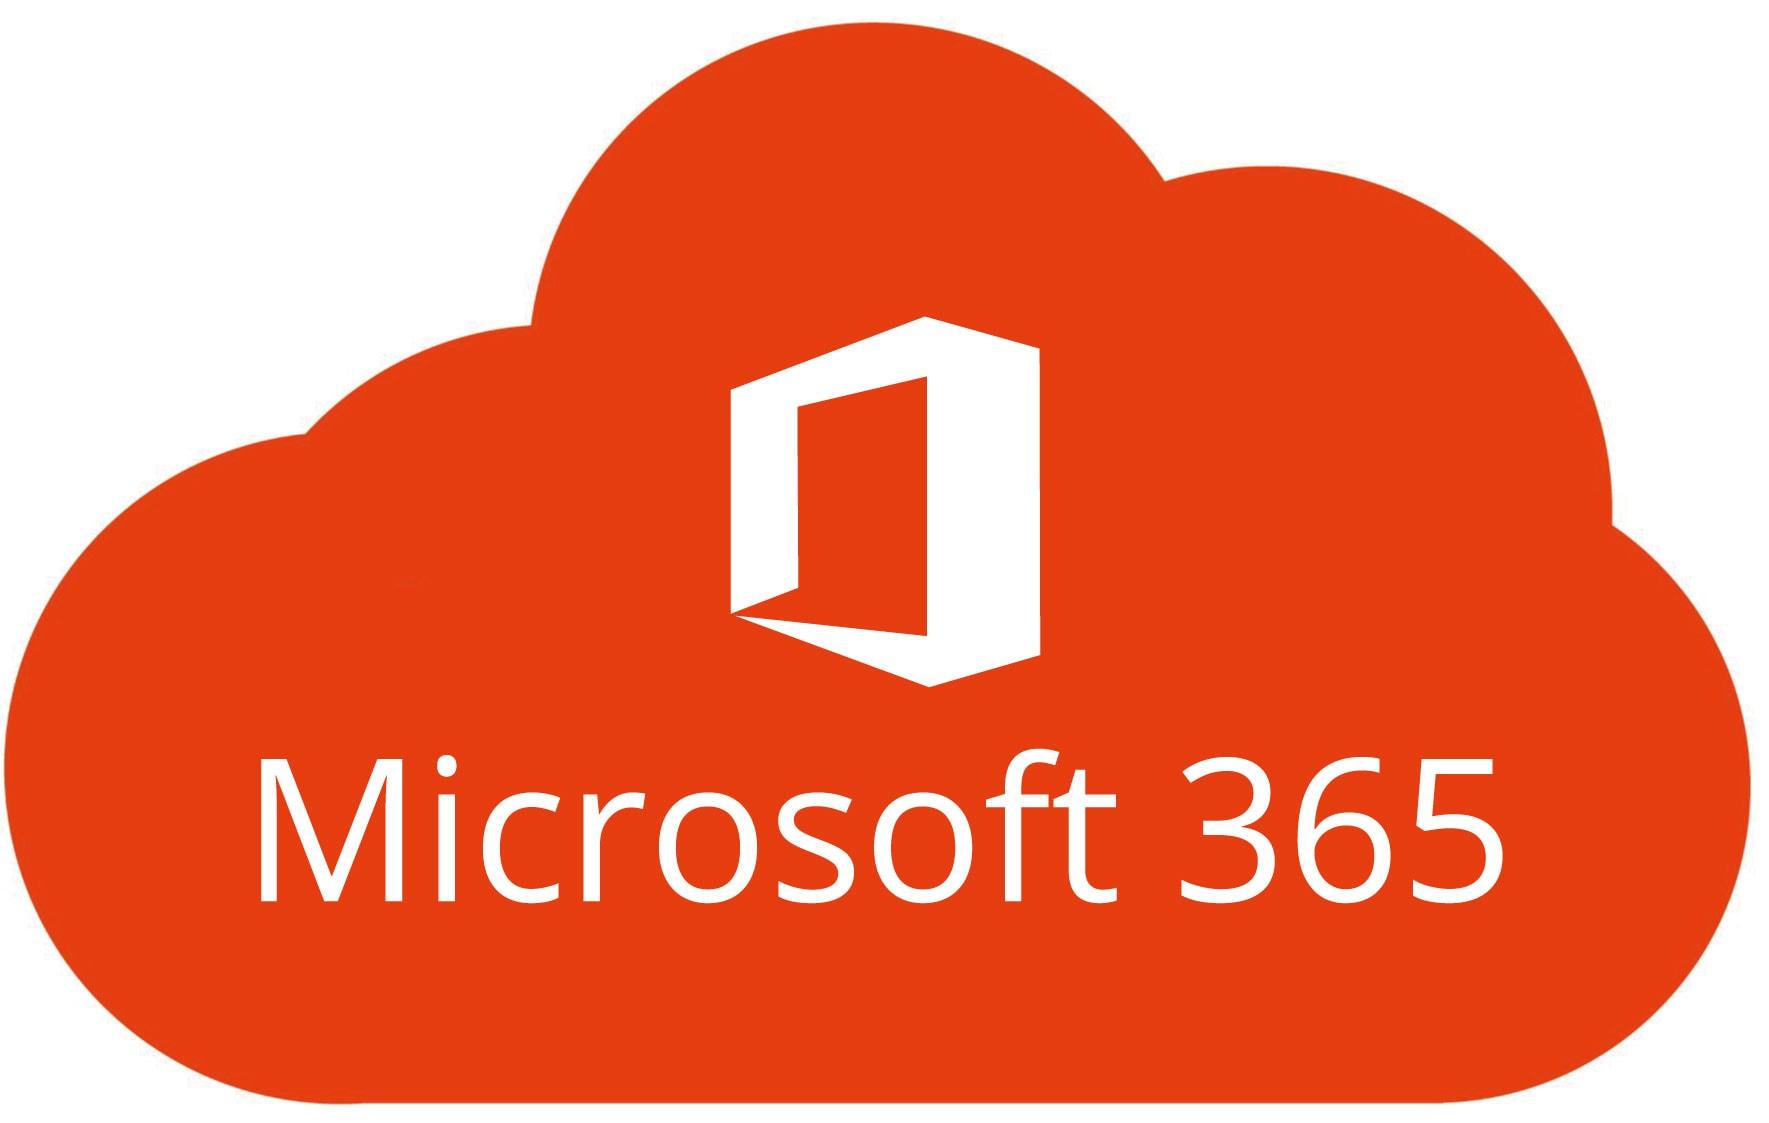 microfot_365_logo